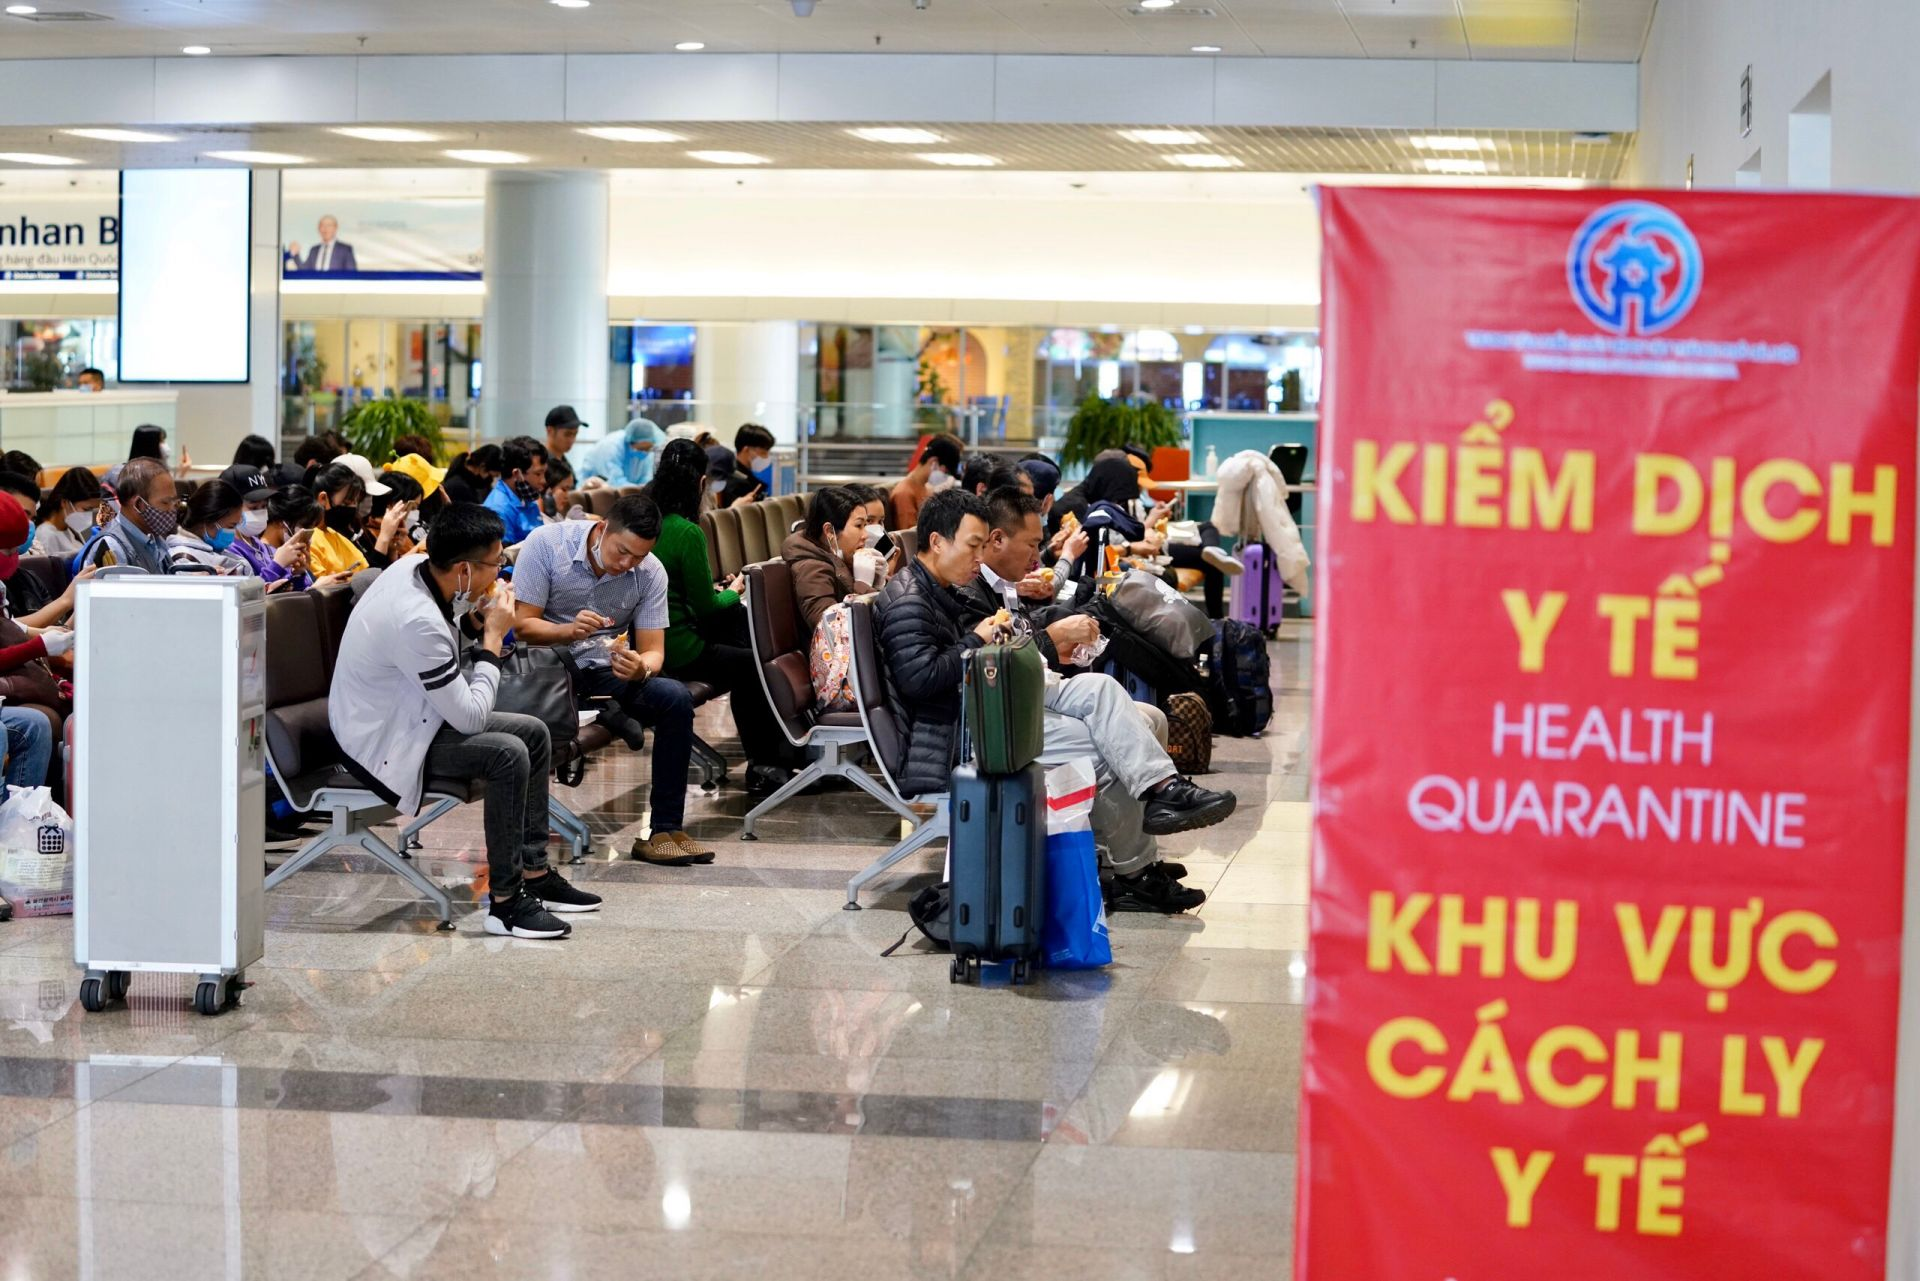 Bộ GTVT: Chỉ bán vé cho người đã có thị thực và địa điểm lưu trú cụ thể tại Việt Nam - Ảnh 1.